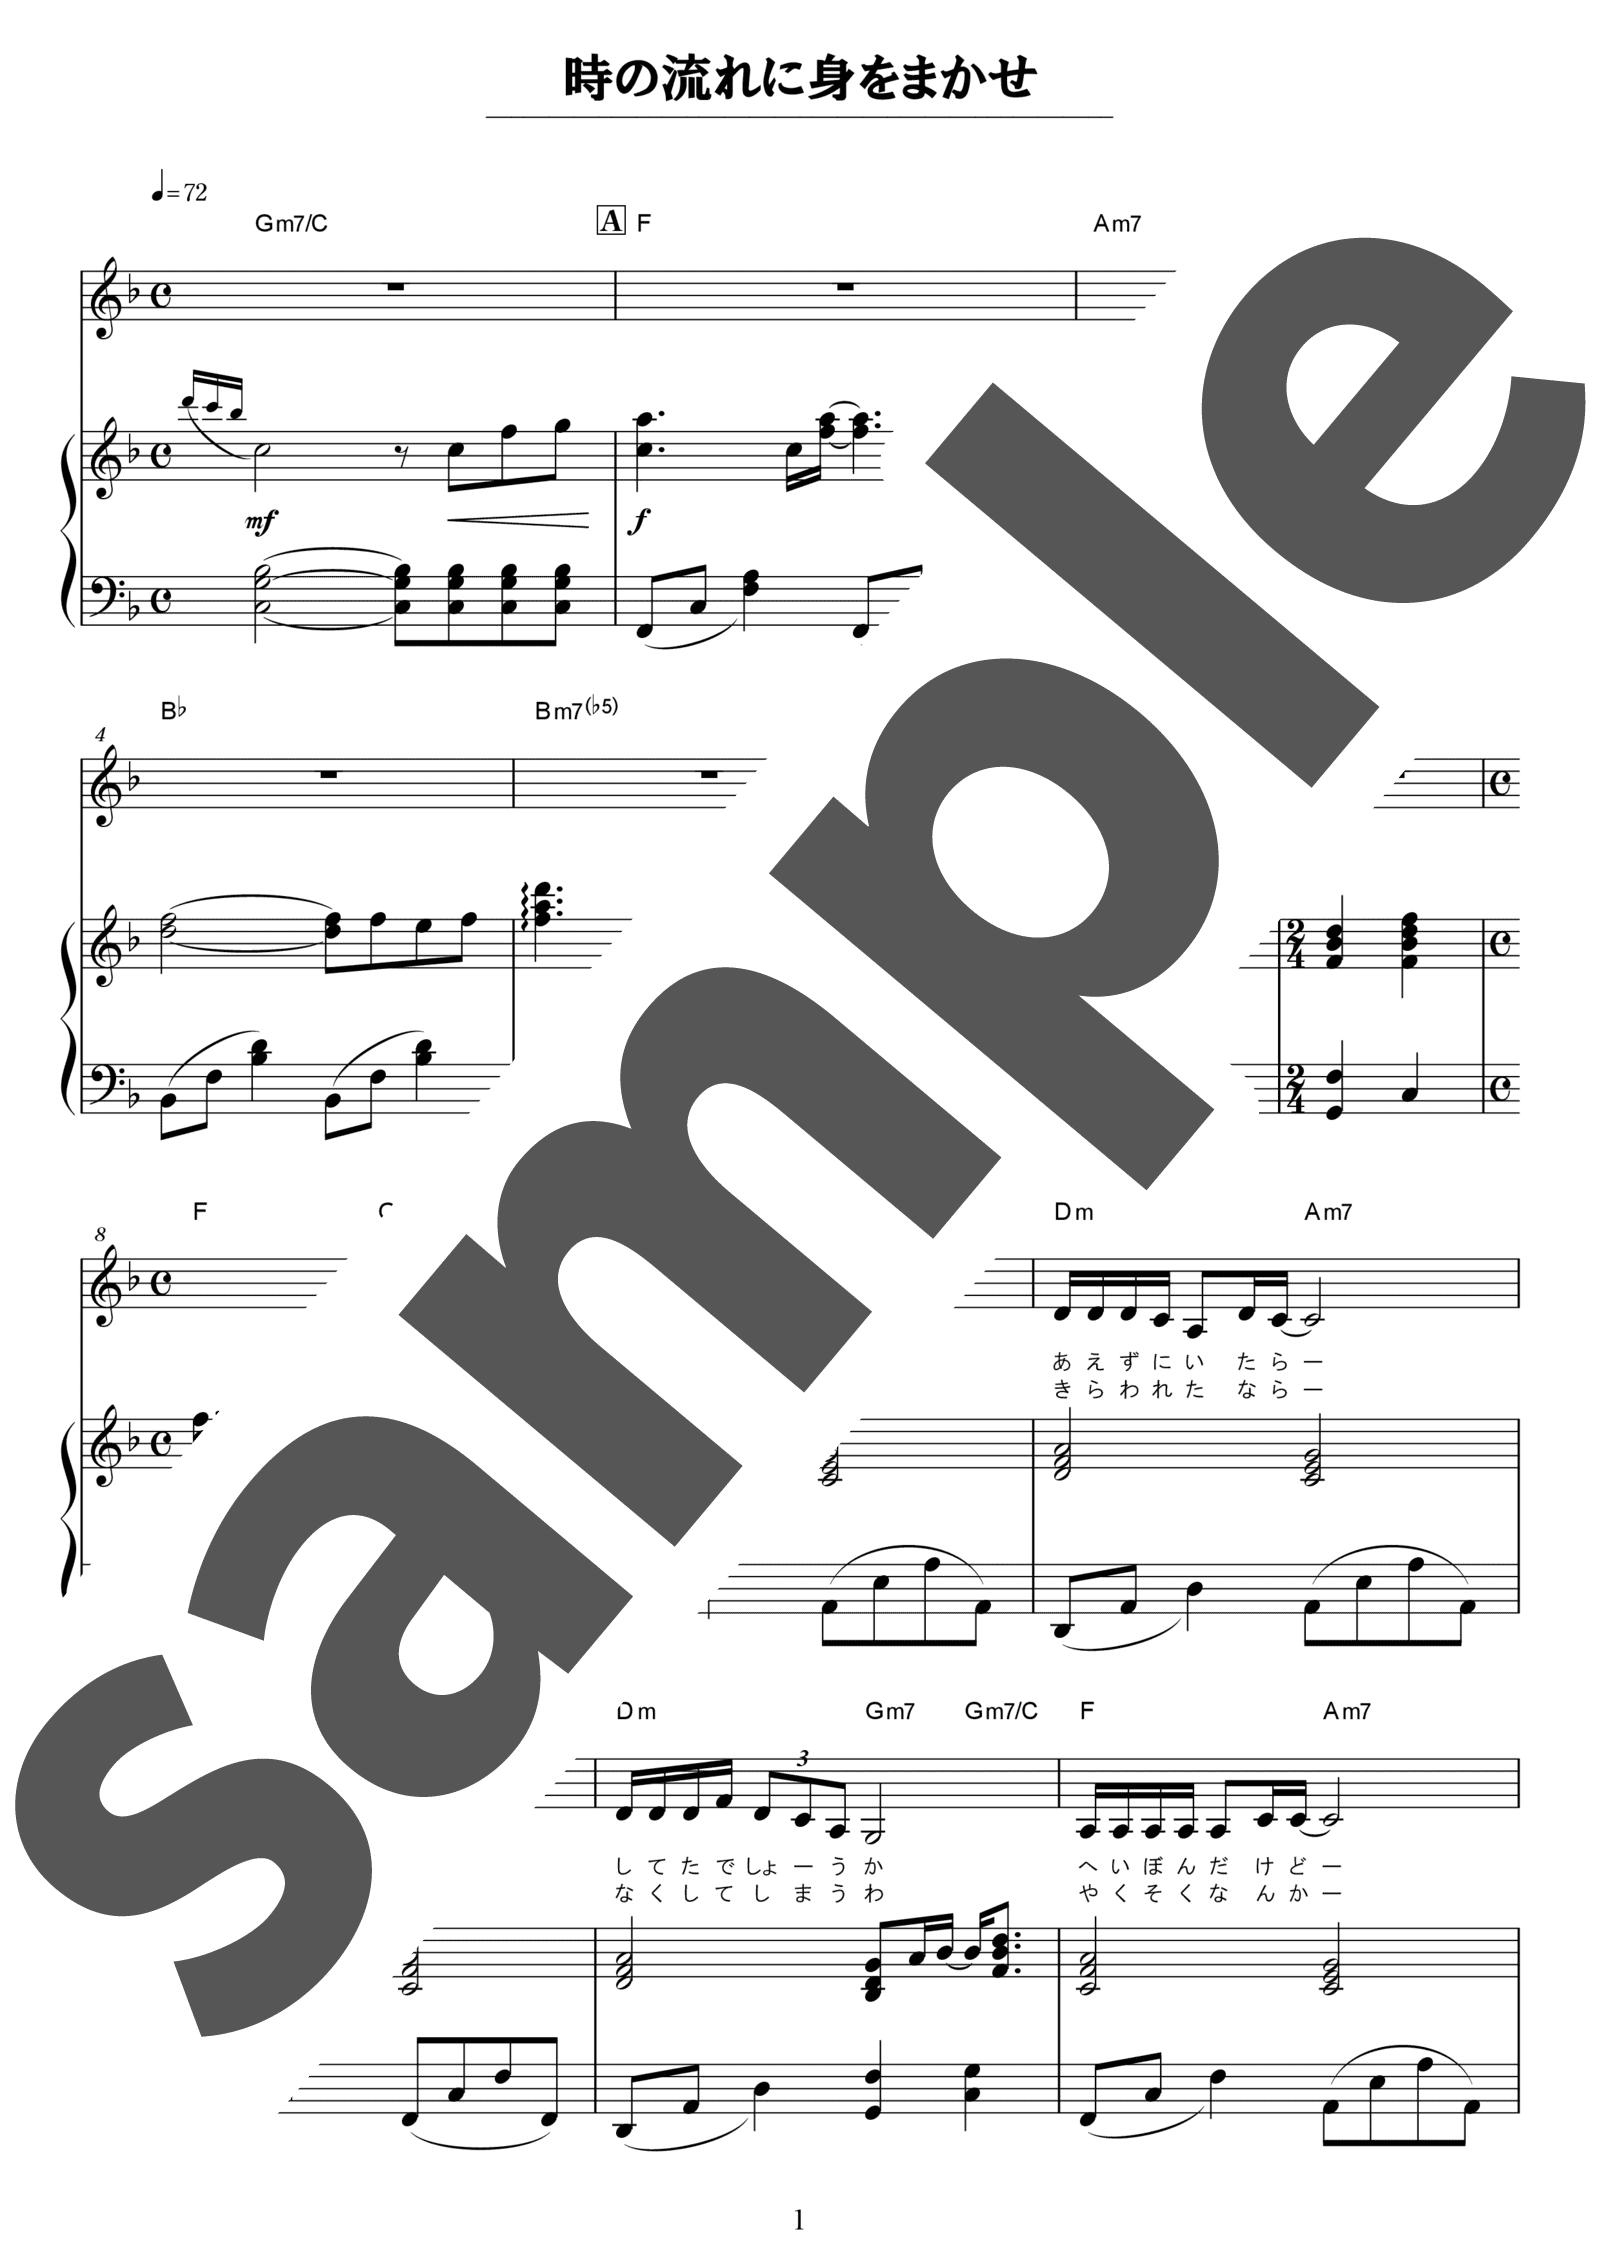 「時の流れに身をまかせ」のサンプル楽譜